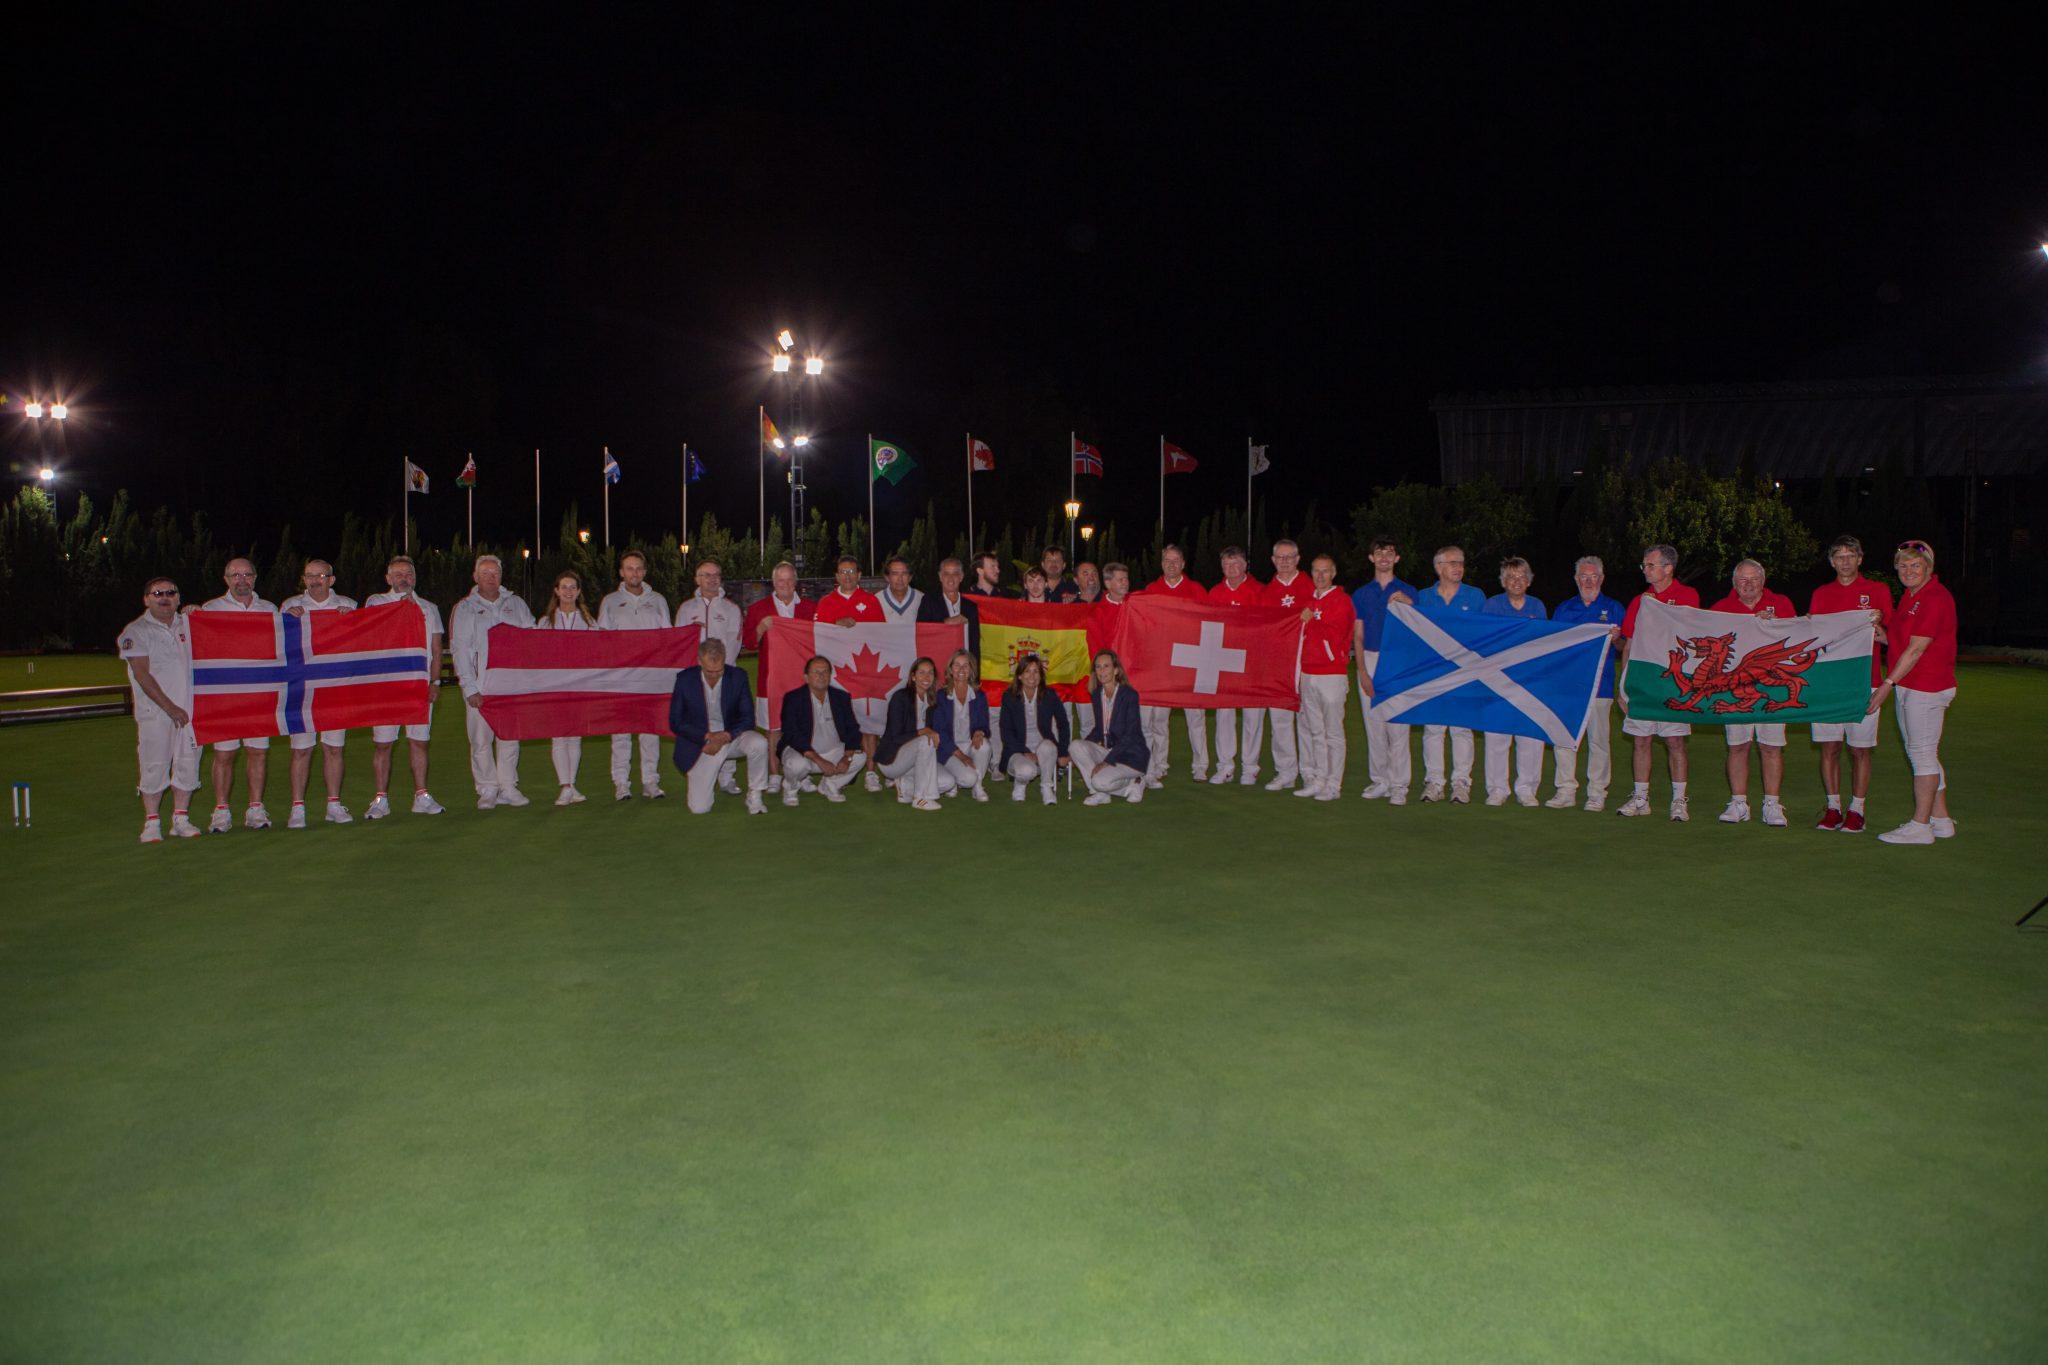 III Campeonato del Mundo de Croquet por Países - Real Novo Sancti Petri 199